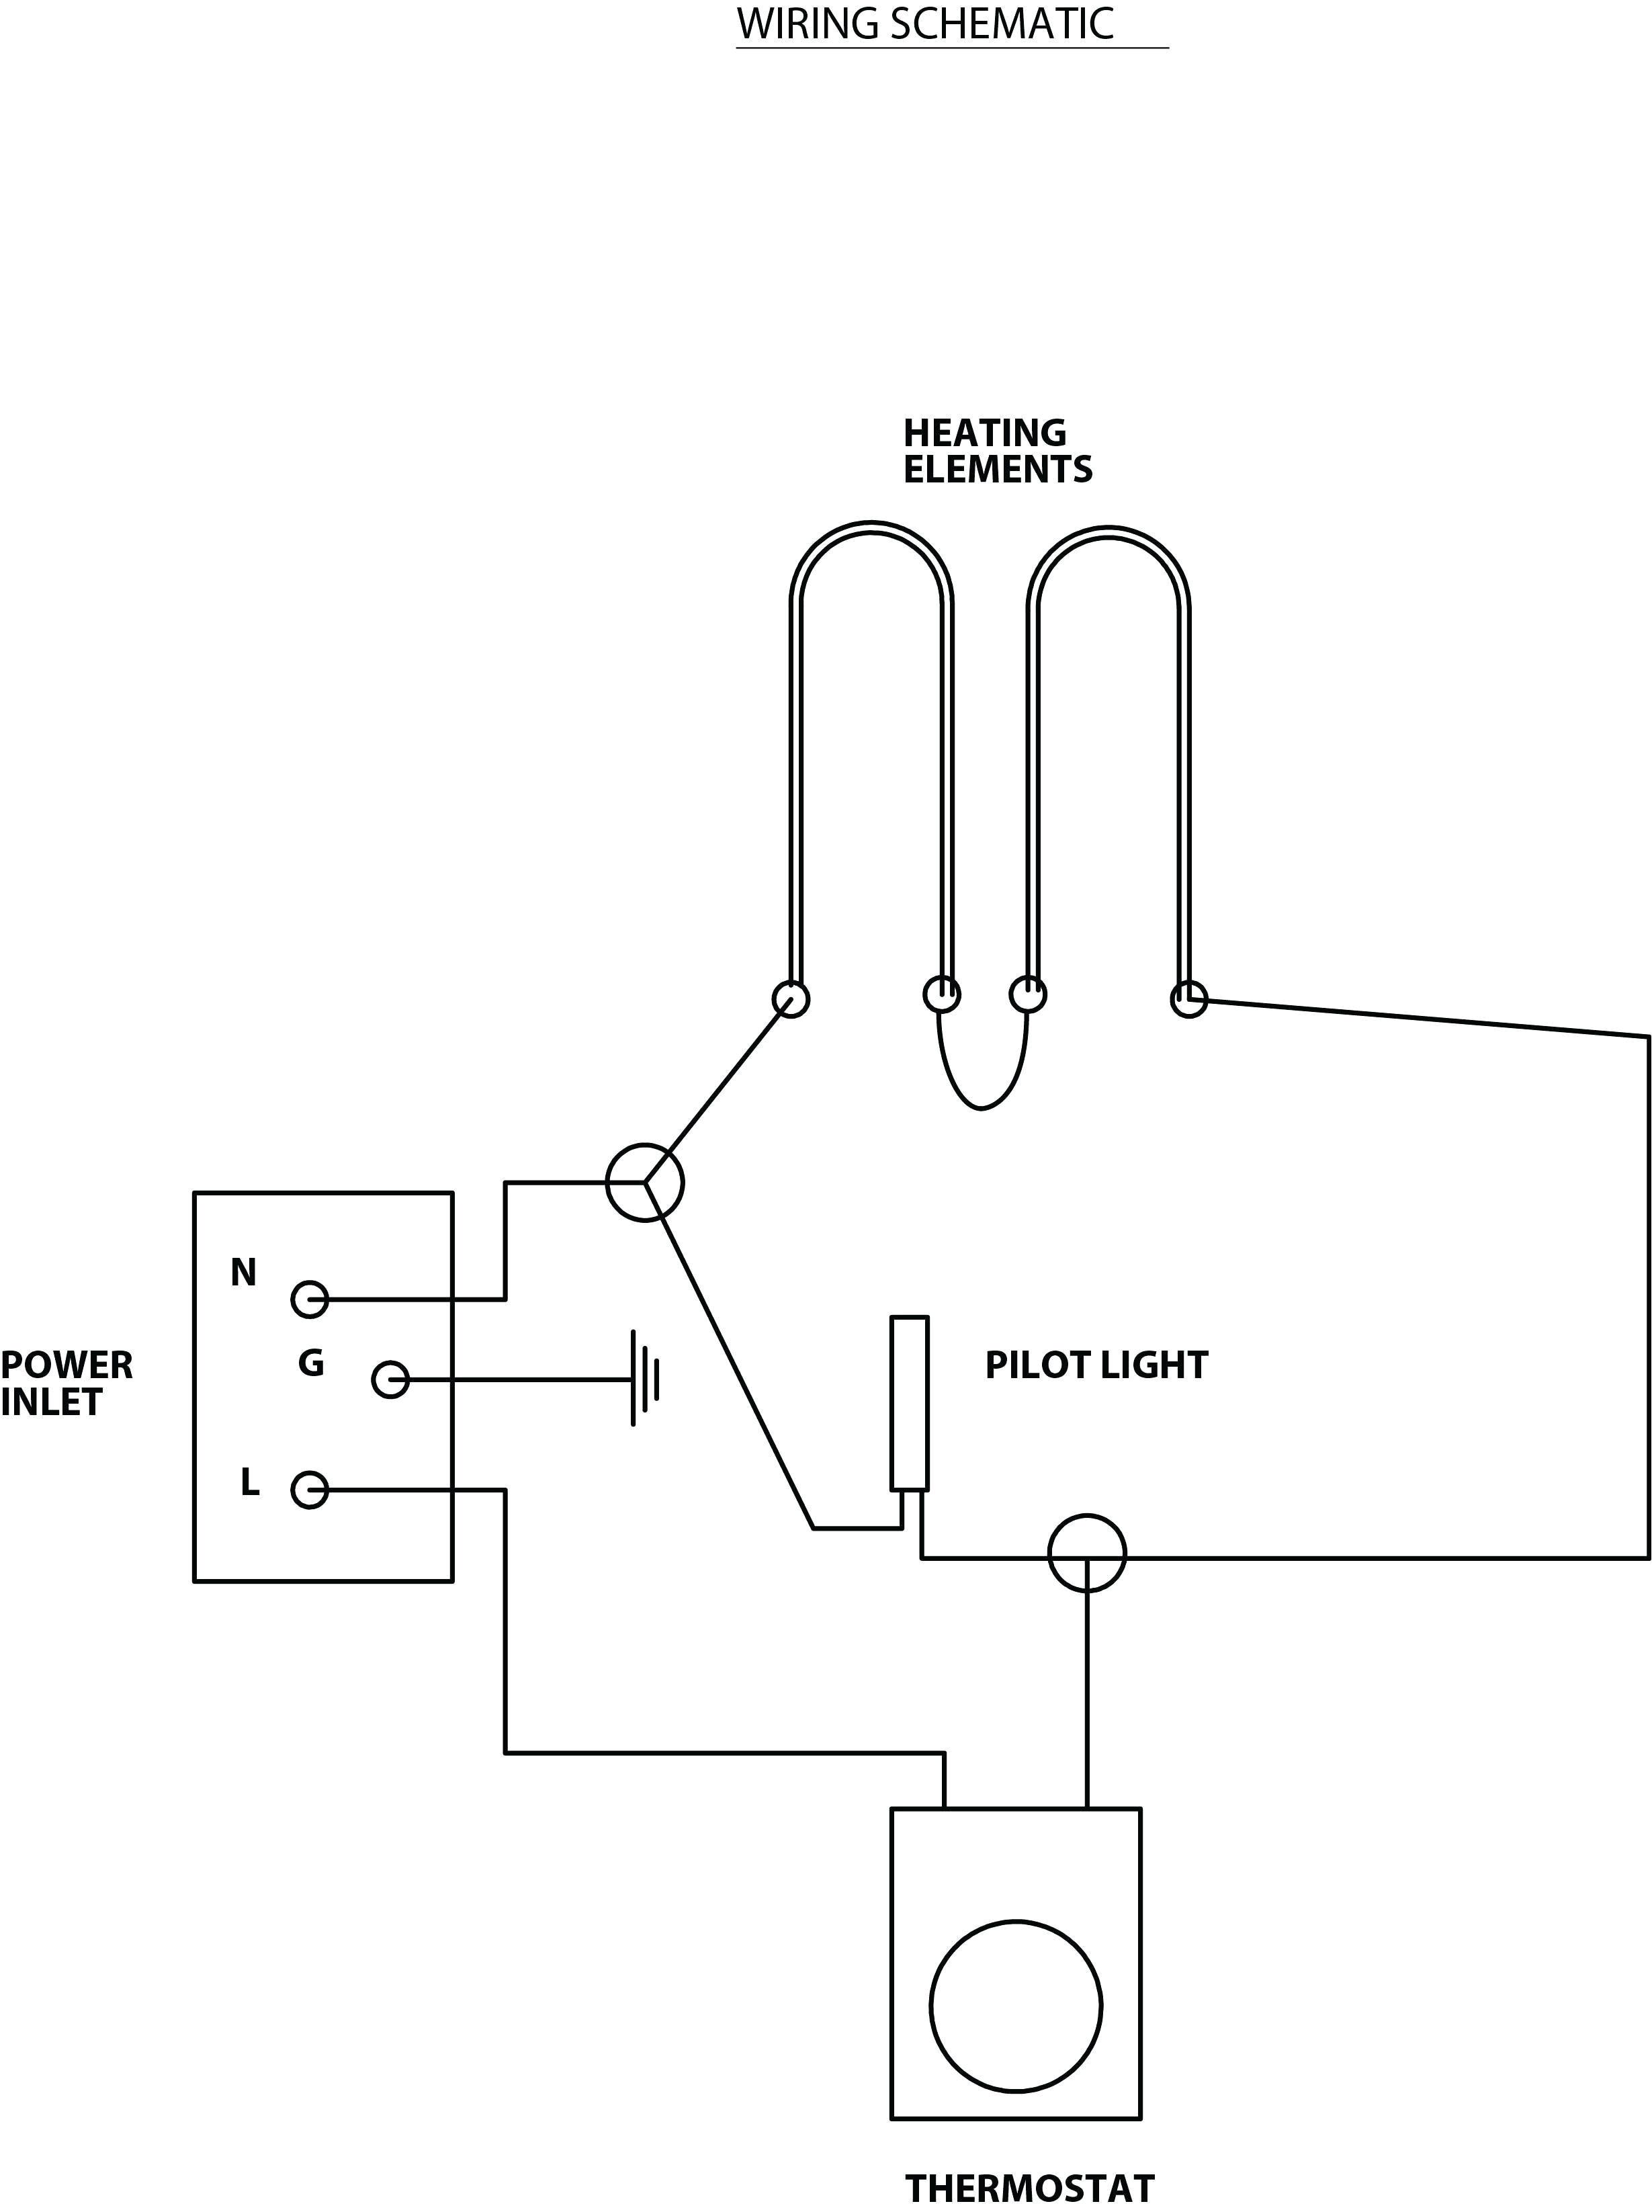 220 baseboard heater wiring diagram wiring diagram databasemarley electric heater wiring diagram